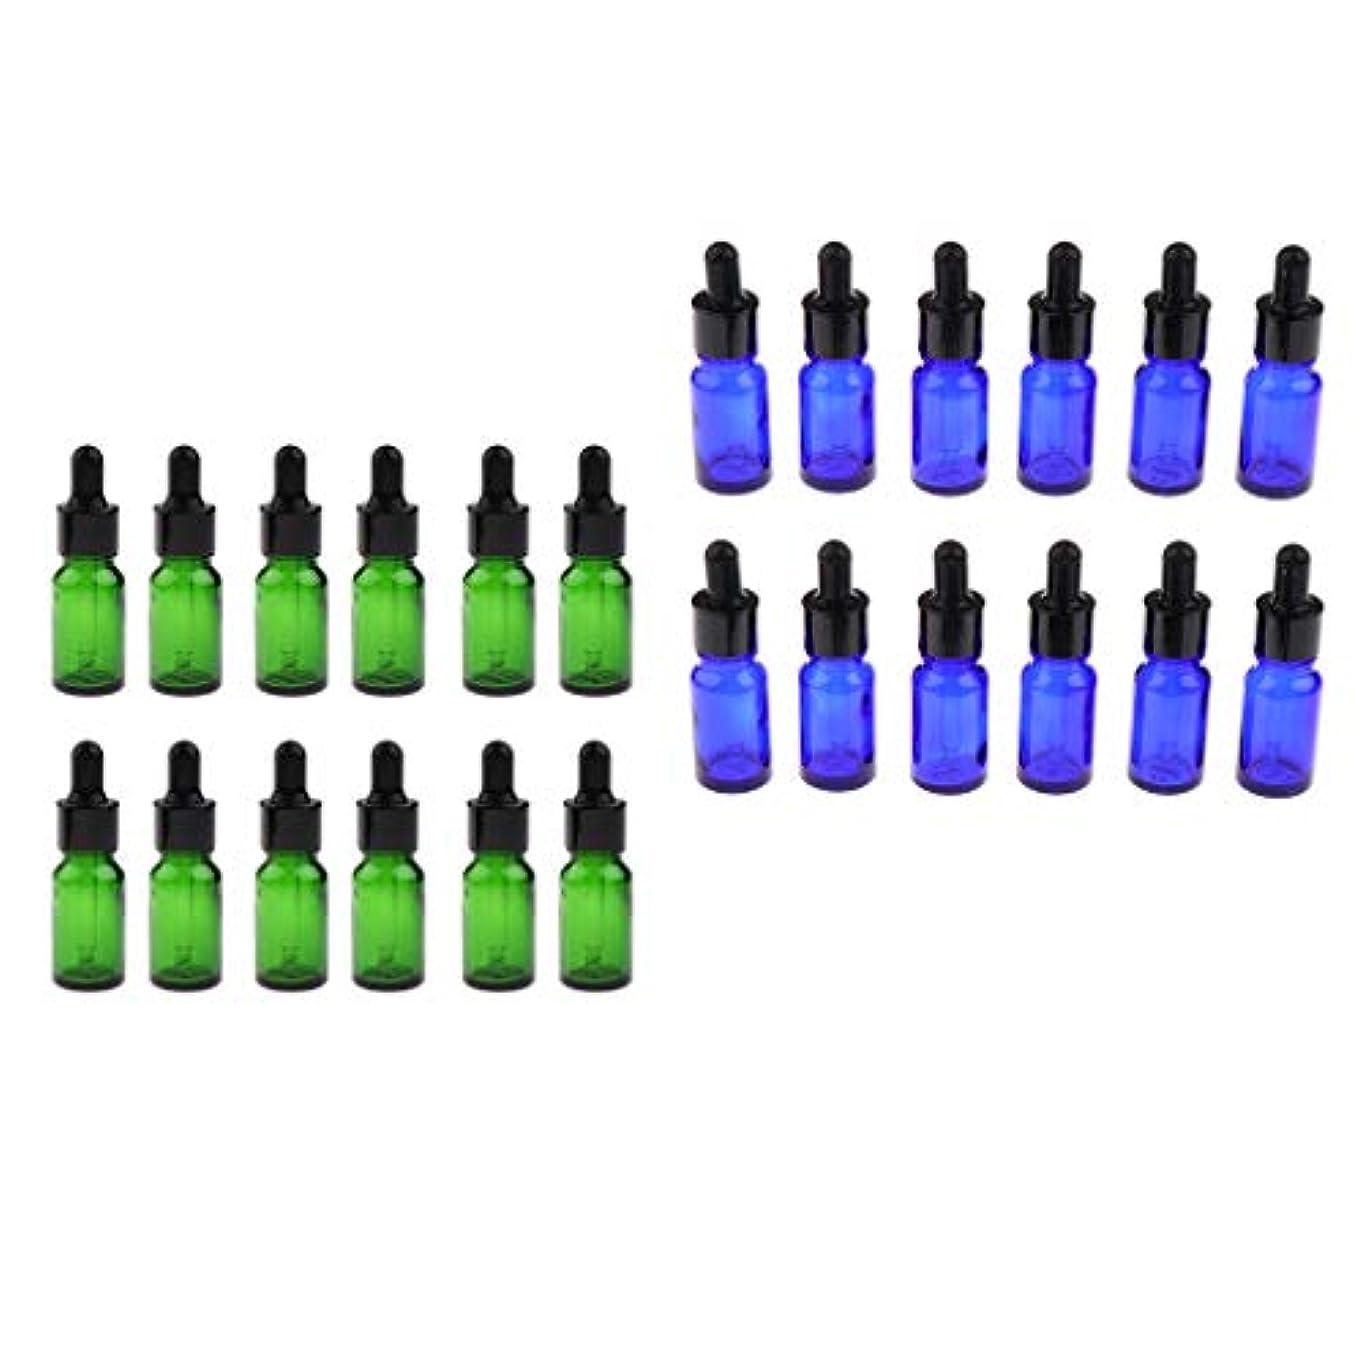 振り返る計算する消費者Hellery ガラス瓶 スポイトボトル 遮光瓶 ディスペンサーボトル 美容室 美容院 アロマテラピー店 約24個